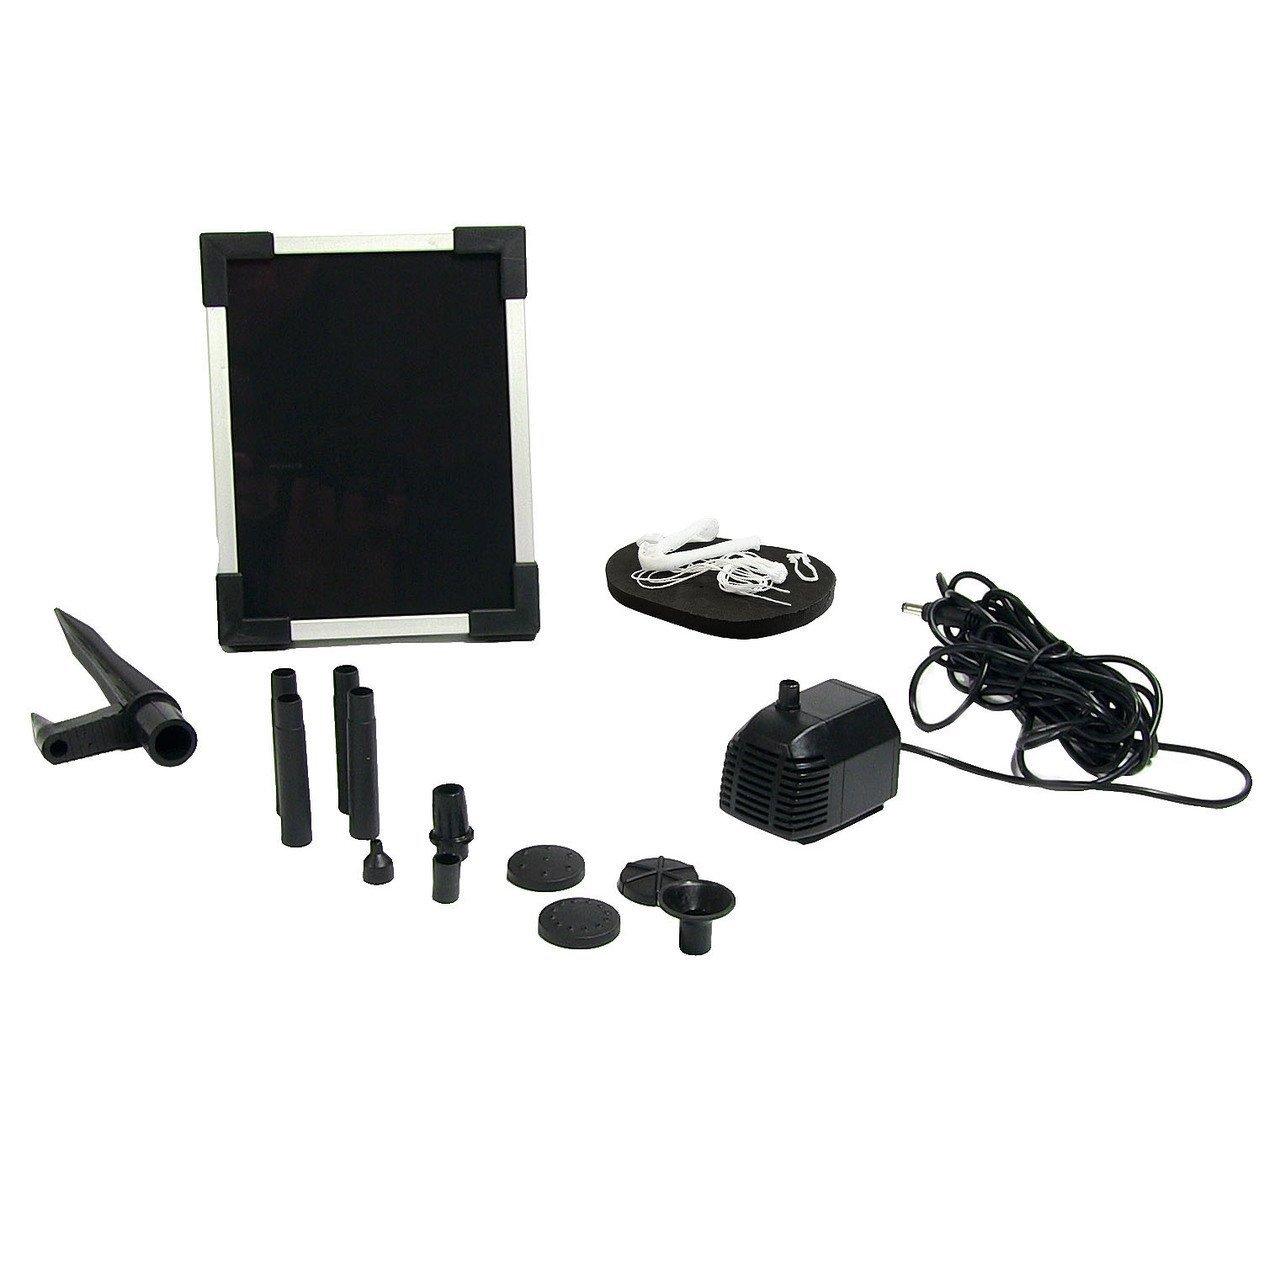 Sunnydaze Outdoor Solar Pump and Panel Fountain Kit with 5 Spray Heads, 47 GPH, 20-Inch Head